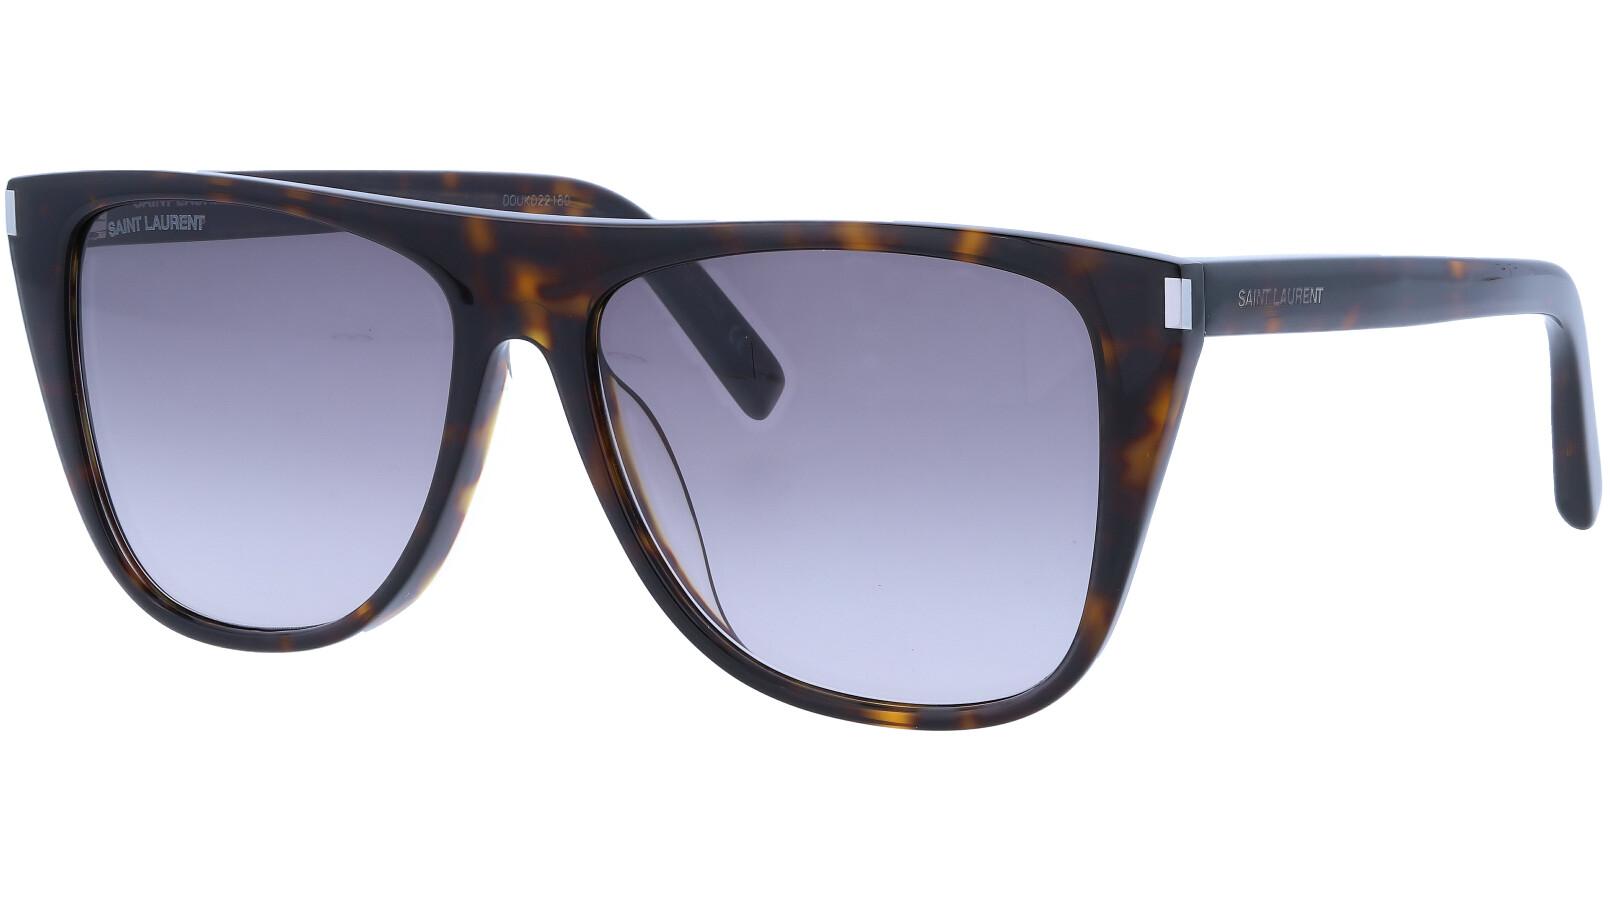 Saint Laurent SL1F 003 58 Havana Sunglasses